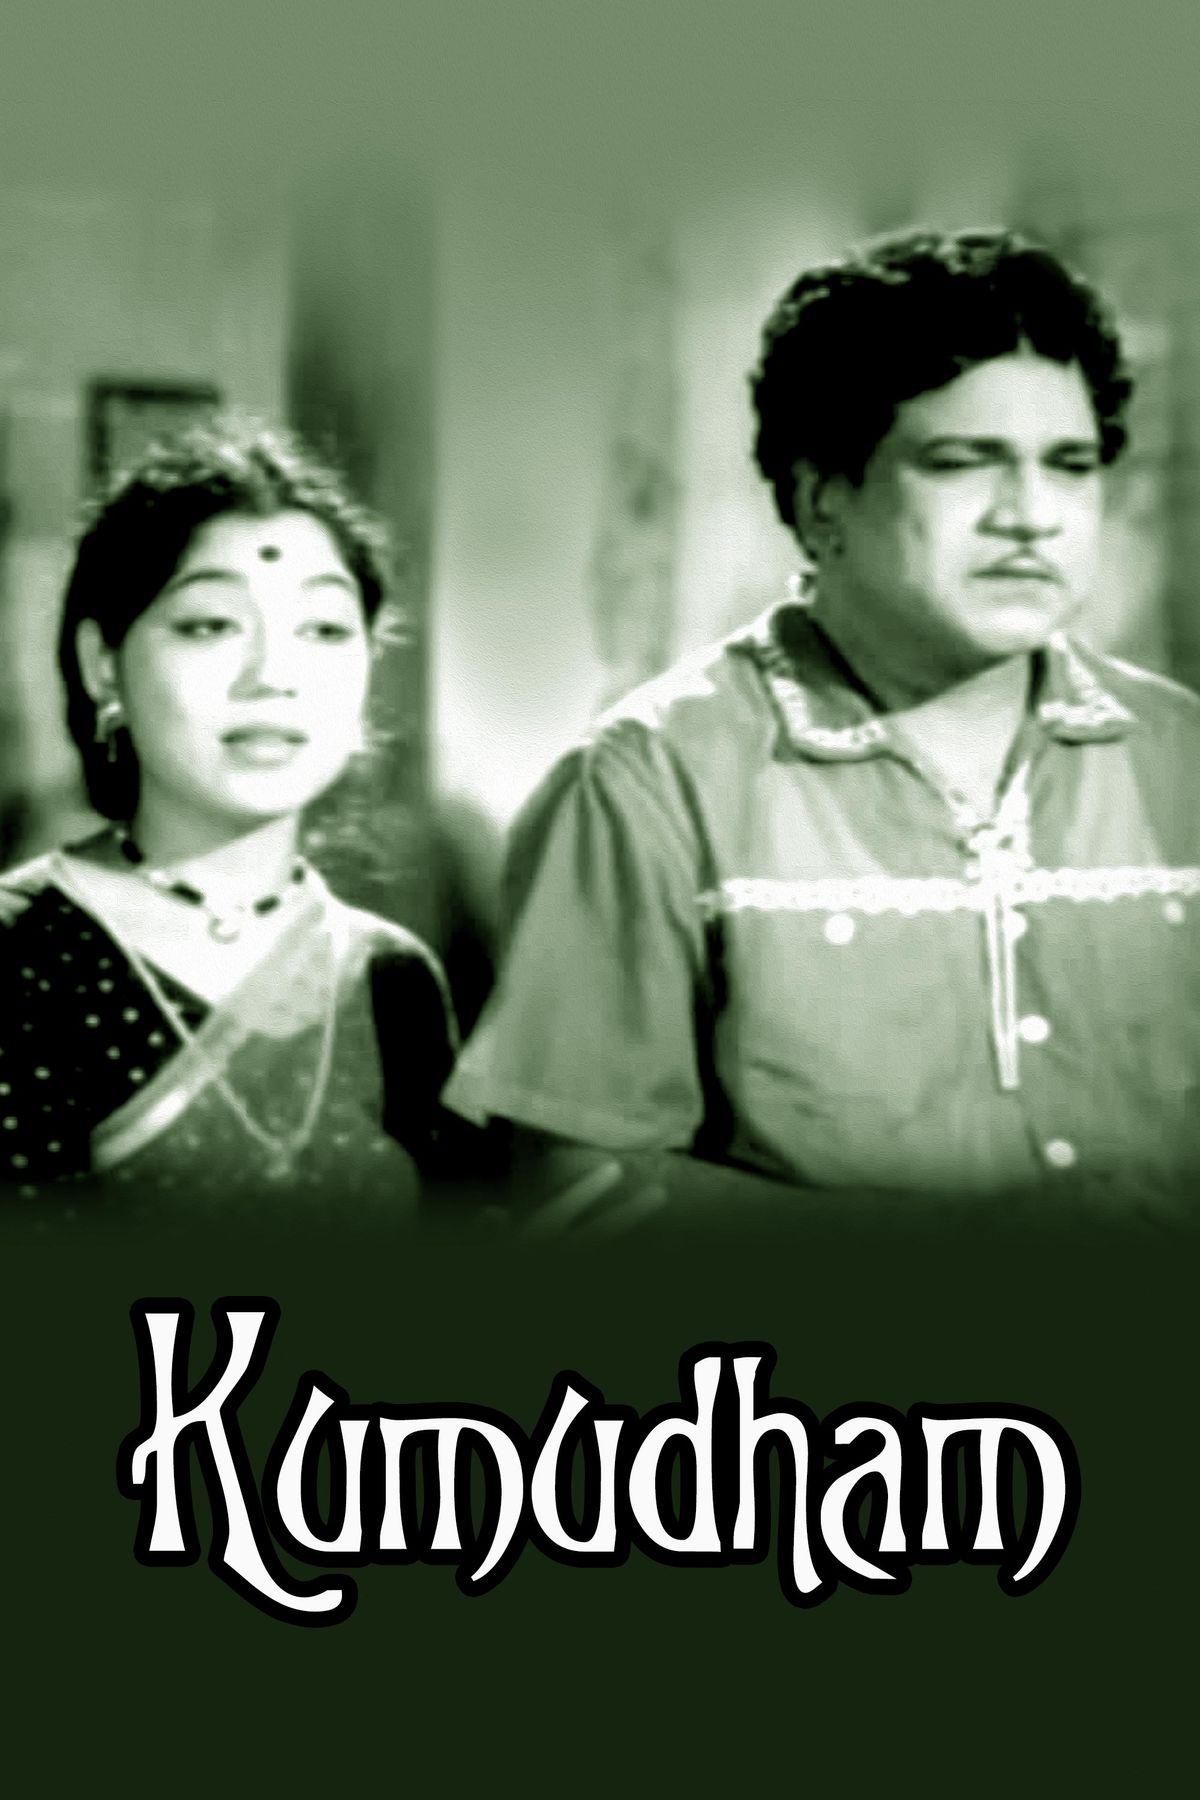 Kumudham